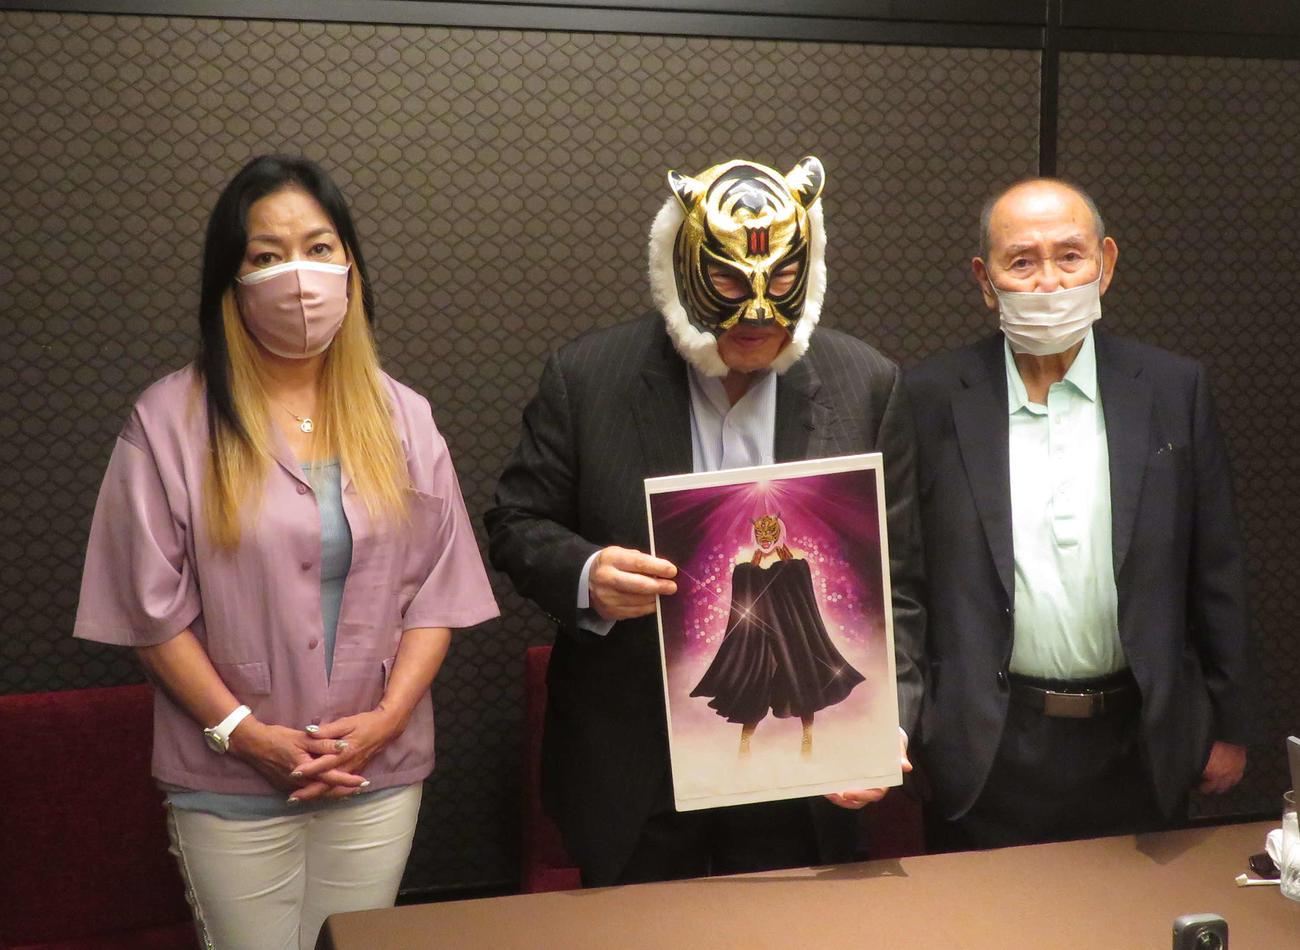 女性版タイガーマスク「タイガークイーン」のデビューを発表した佐山聡(中央)。左はジャガー横田、右はストロングスタイル新間寿会長(撮影・松熊洋介)